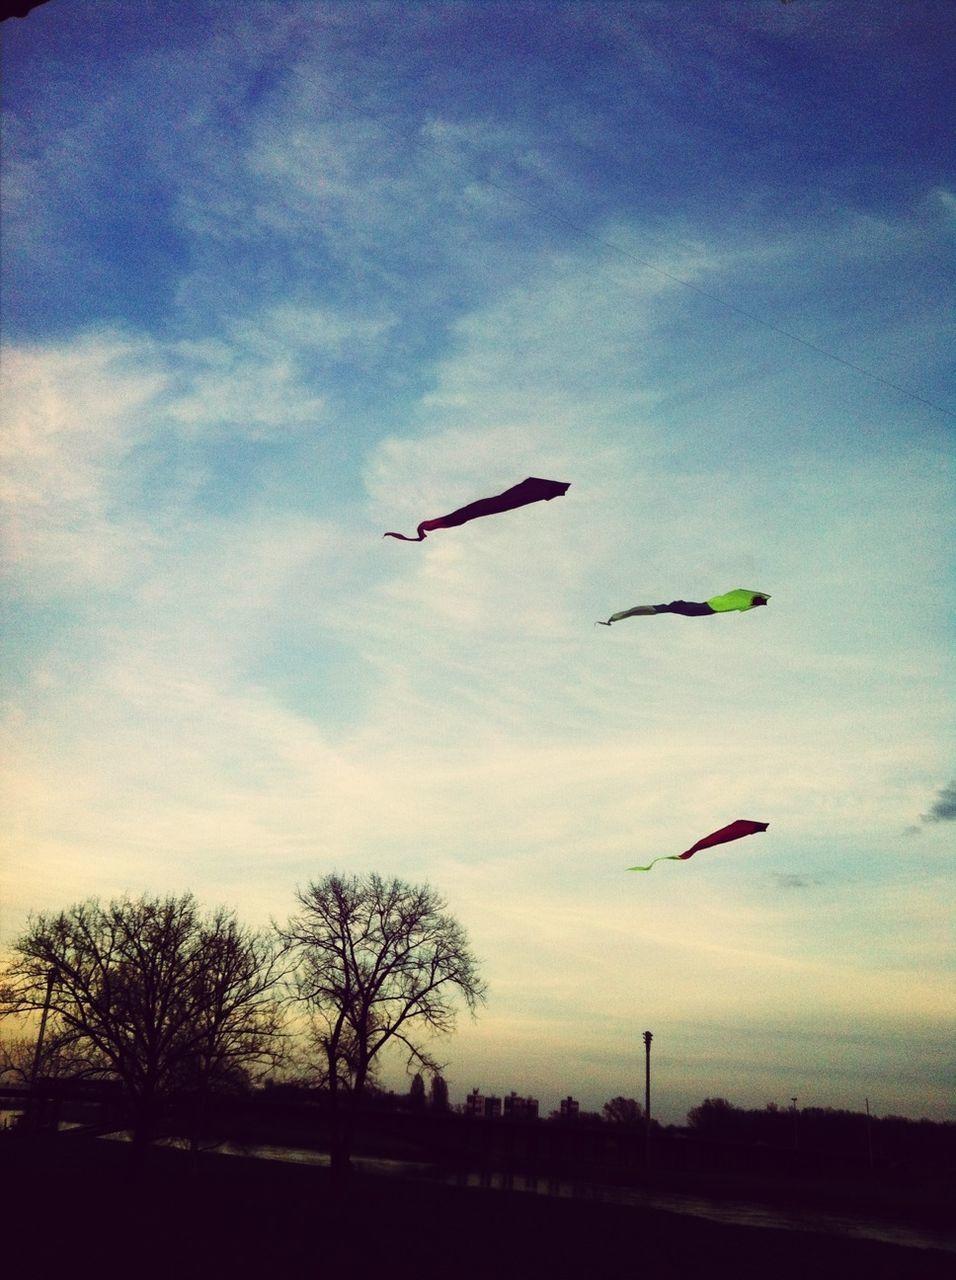 Kites Flying In Sky